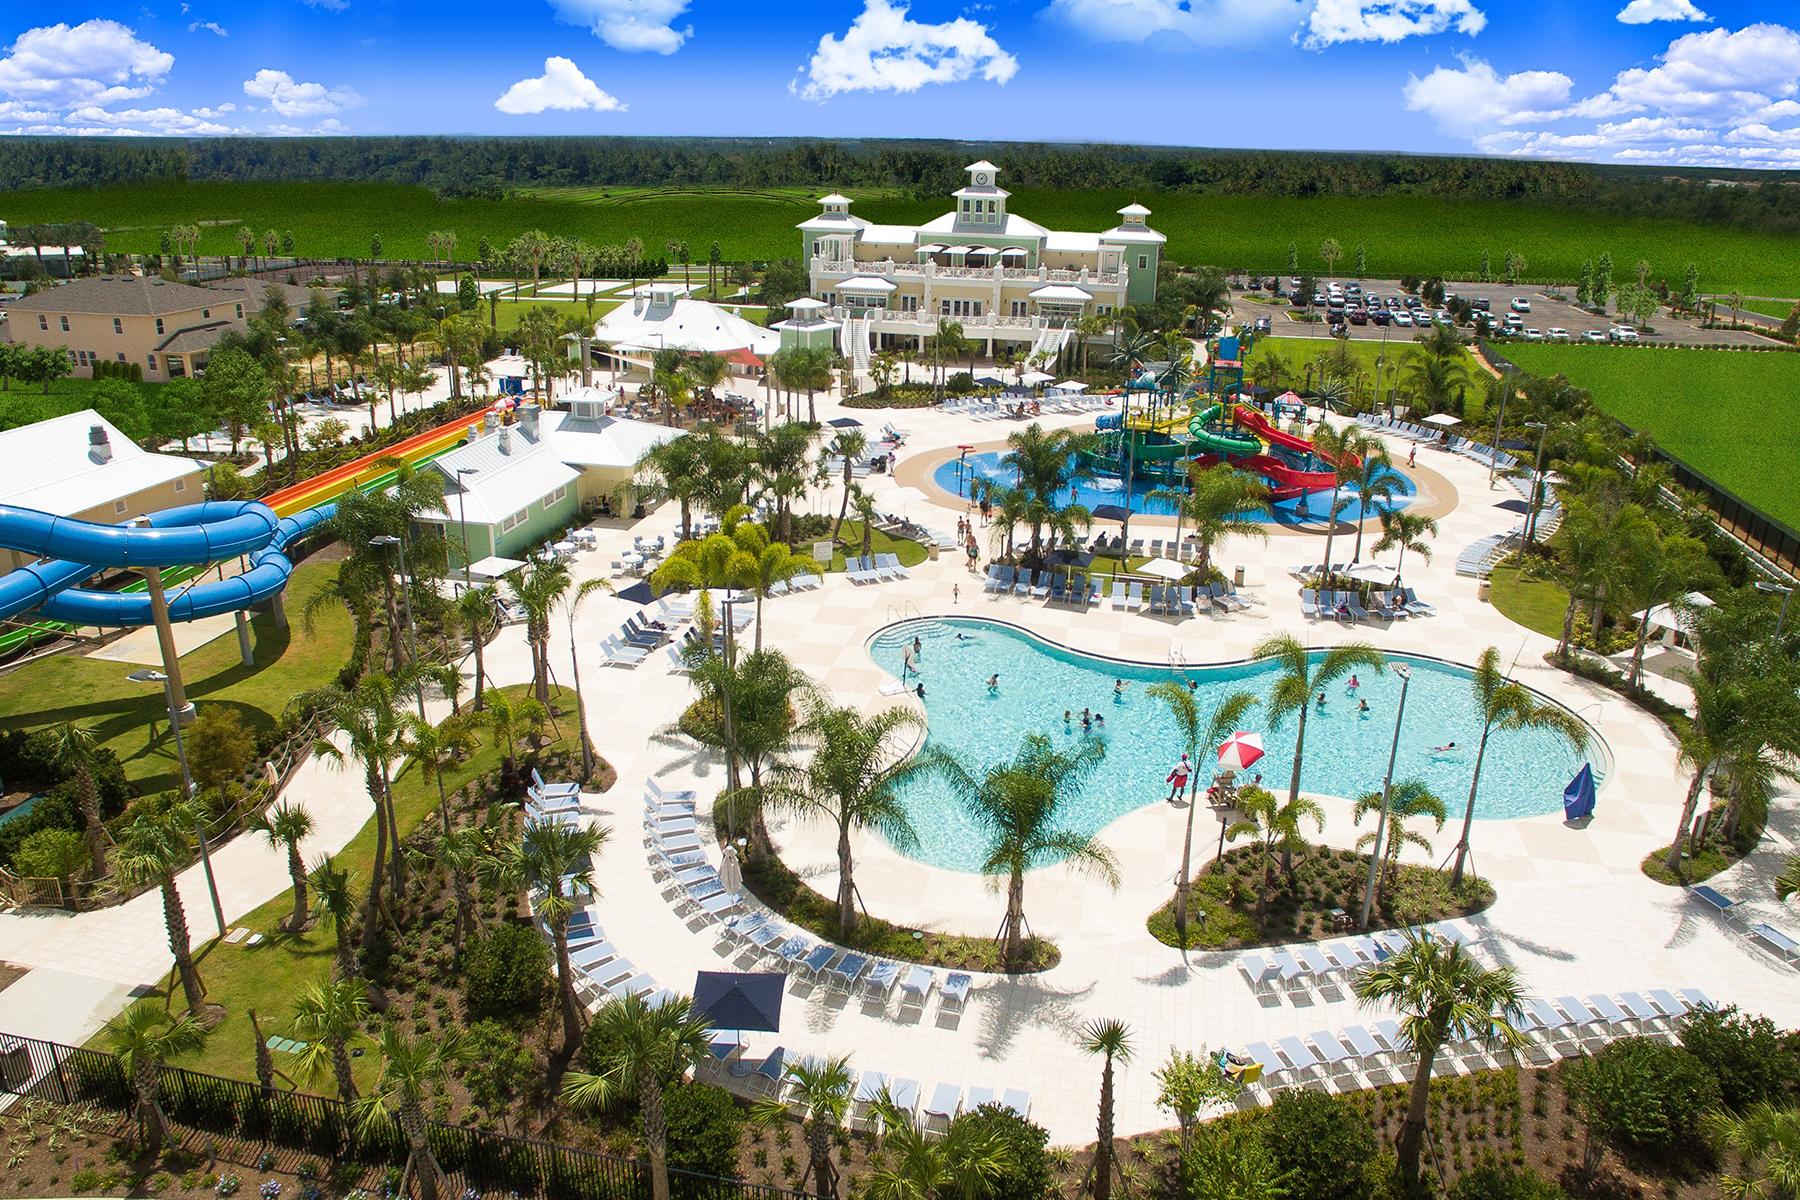 aerial photo of Encore Resort waterpark